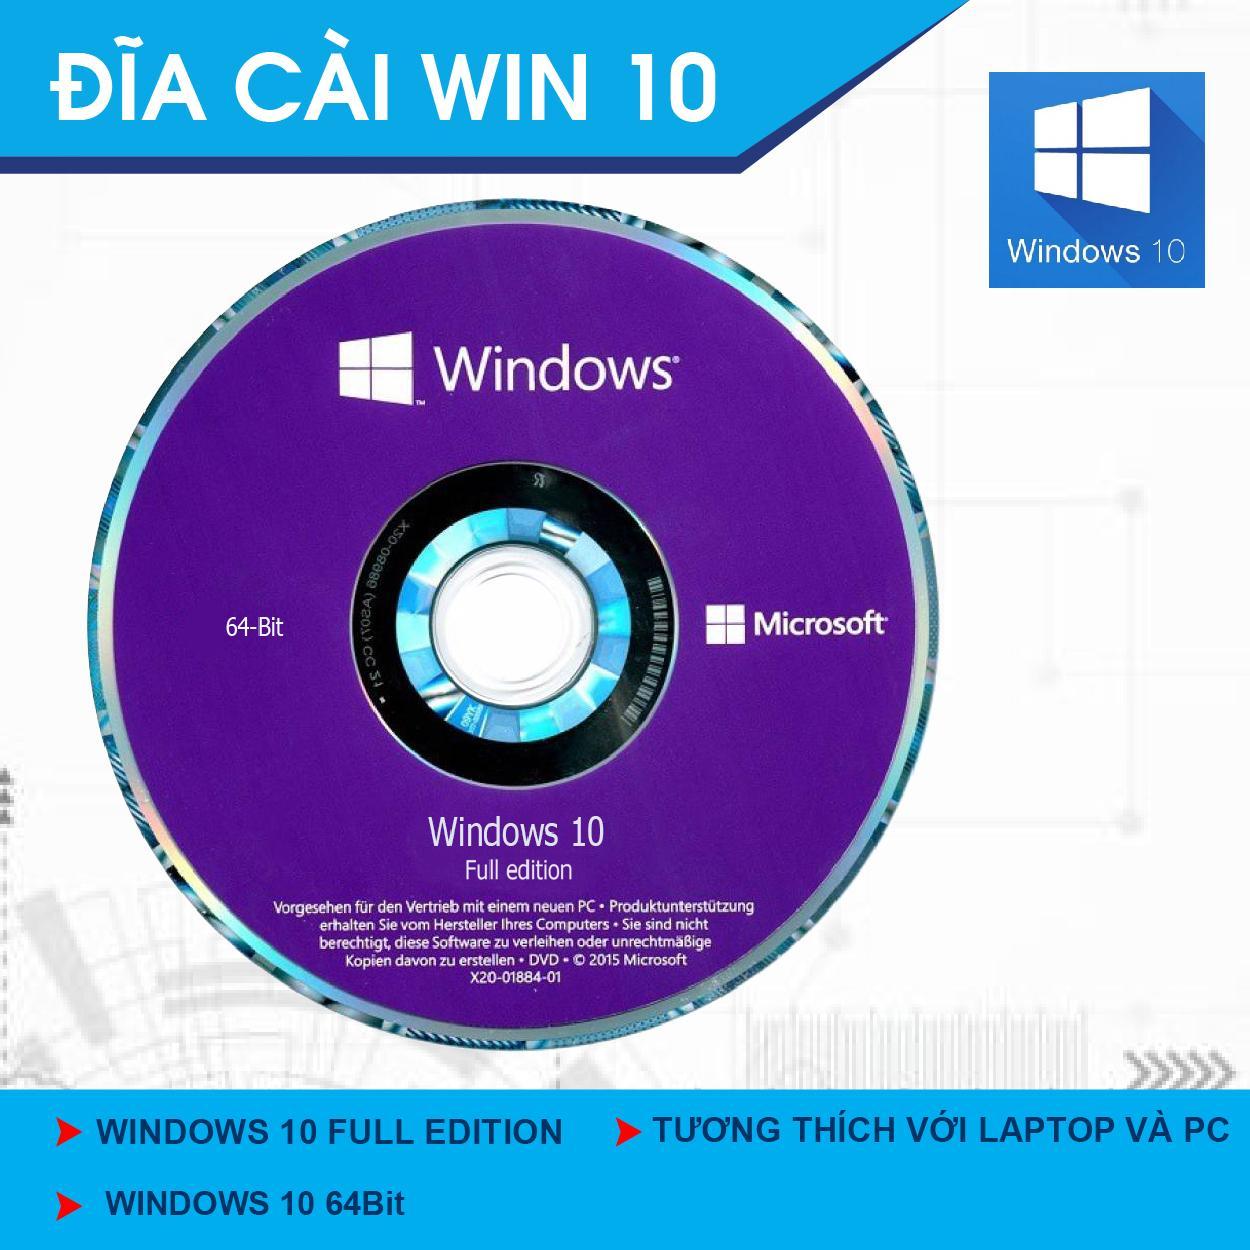 DVD Bộ Cài Đặt Hệ Điều Hành Window 10 64bit 2018.